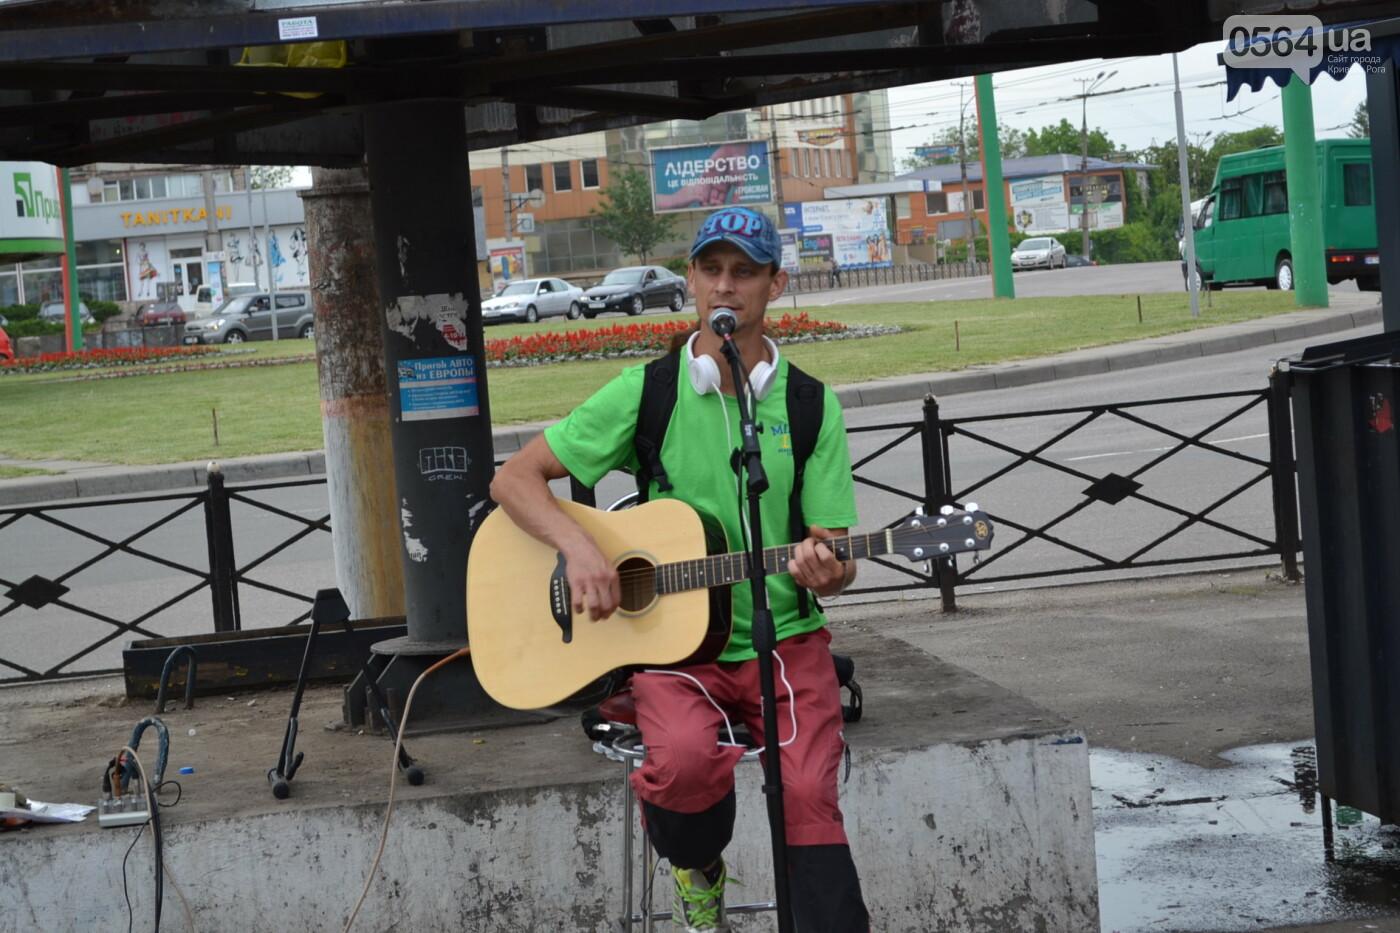 Концерт от Madisan Rock Club: криворожские музыканты поддержали юную Алину Михалковскую, - ФОТО, ВИДЕО, фото-5